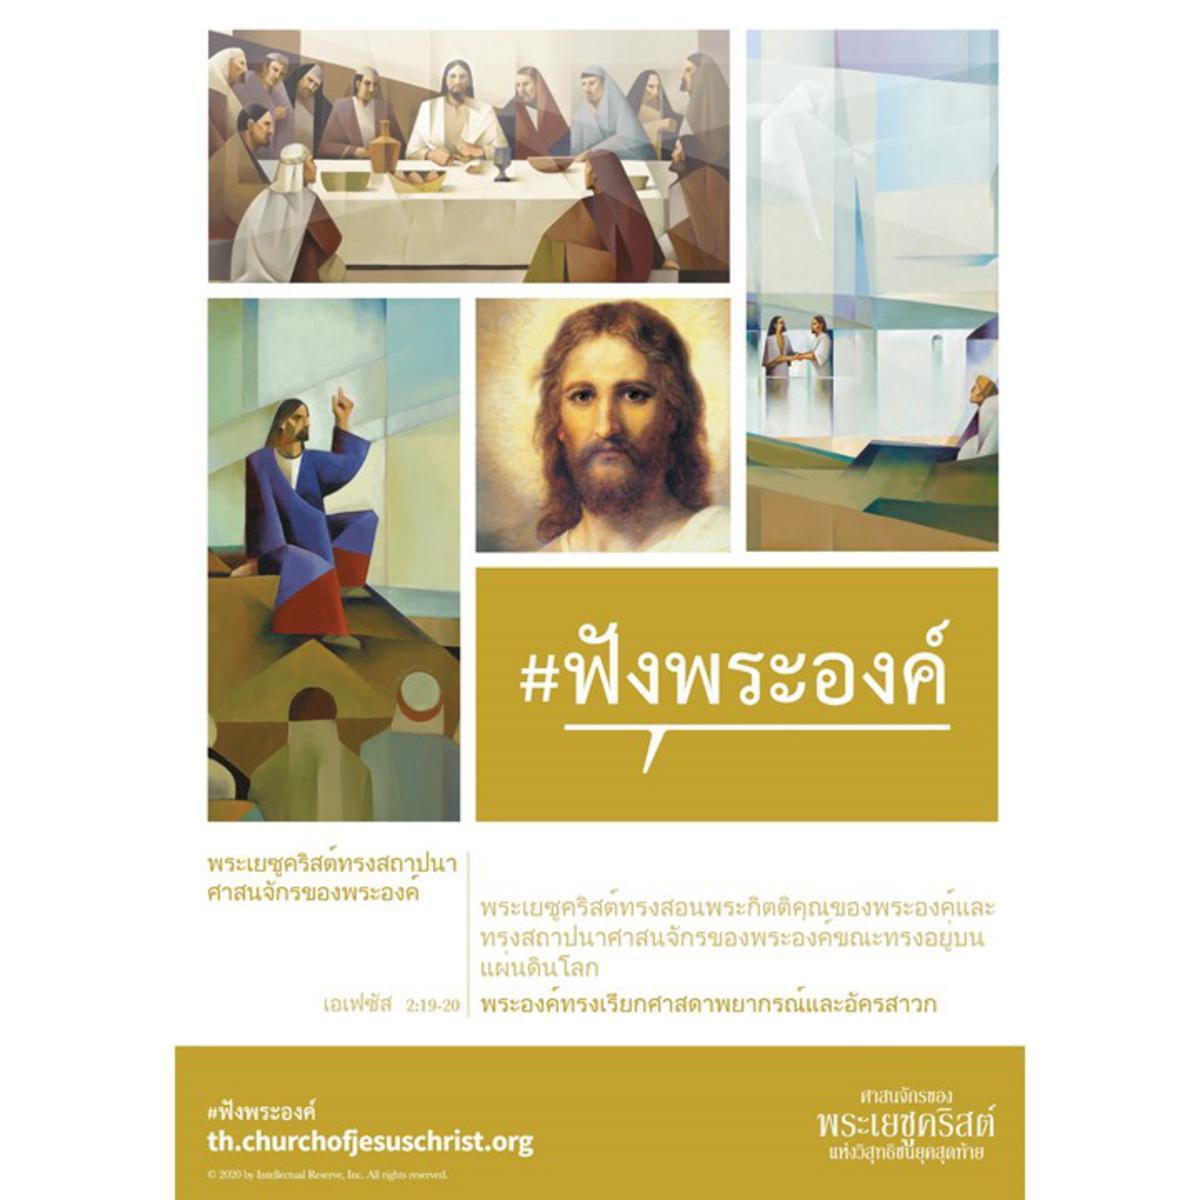 พระเยซูคริสต์ทรงสถาปนาศาสนจักรของพระองค์